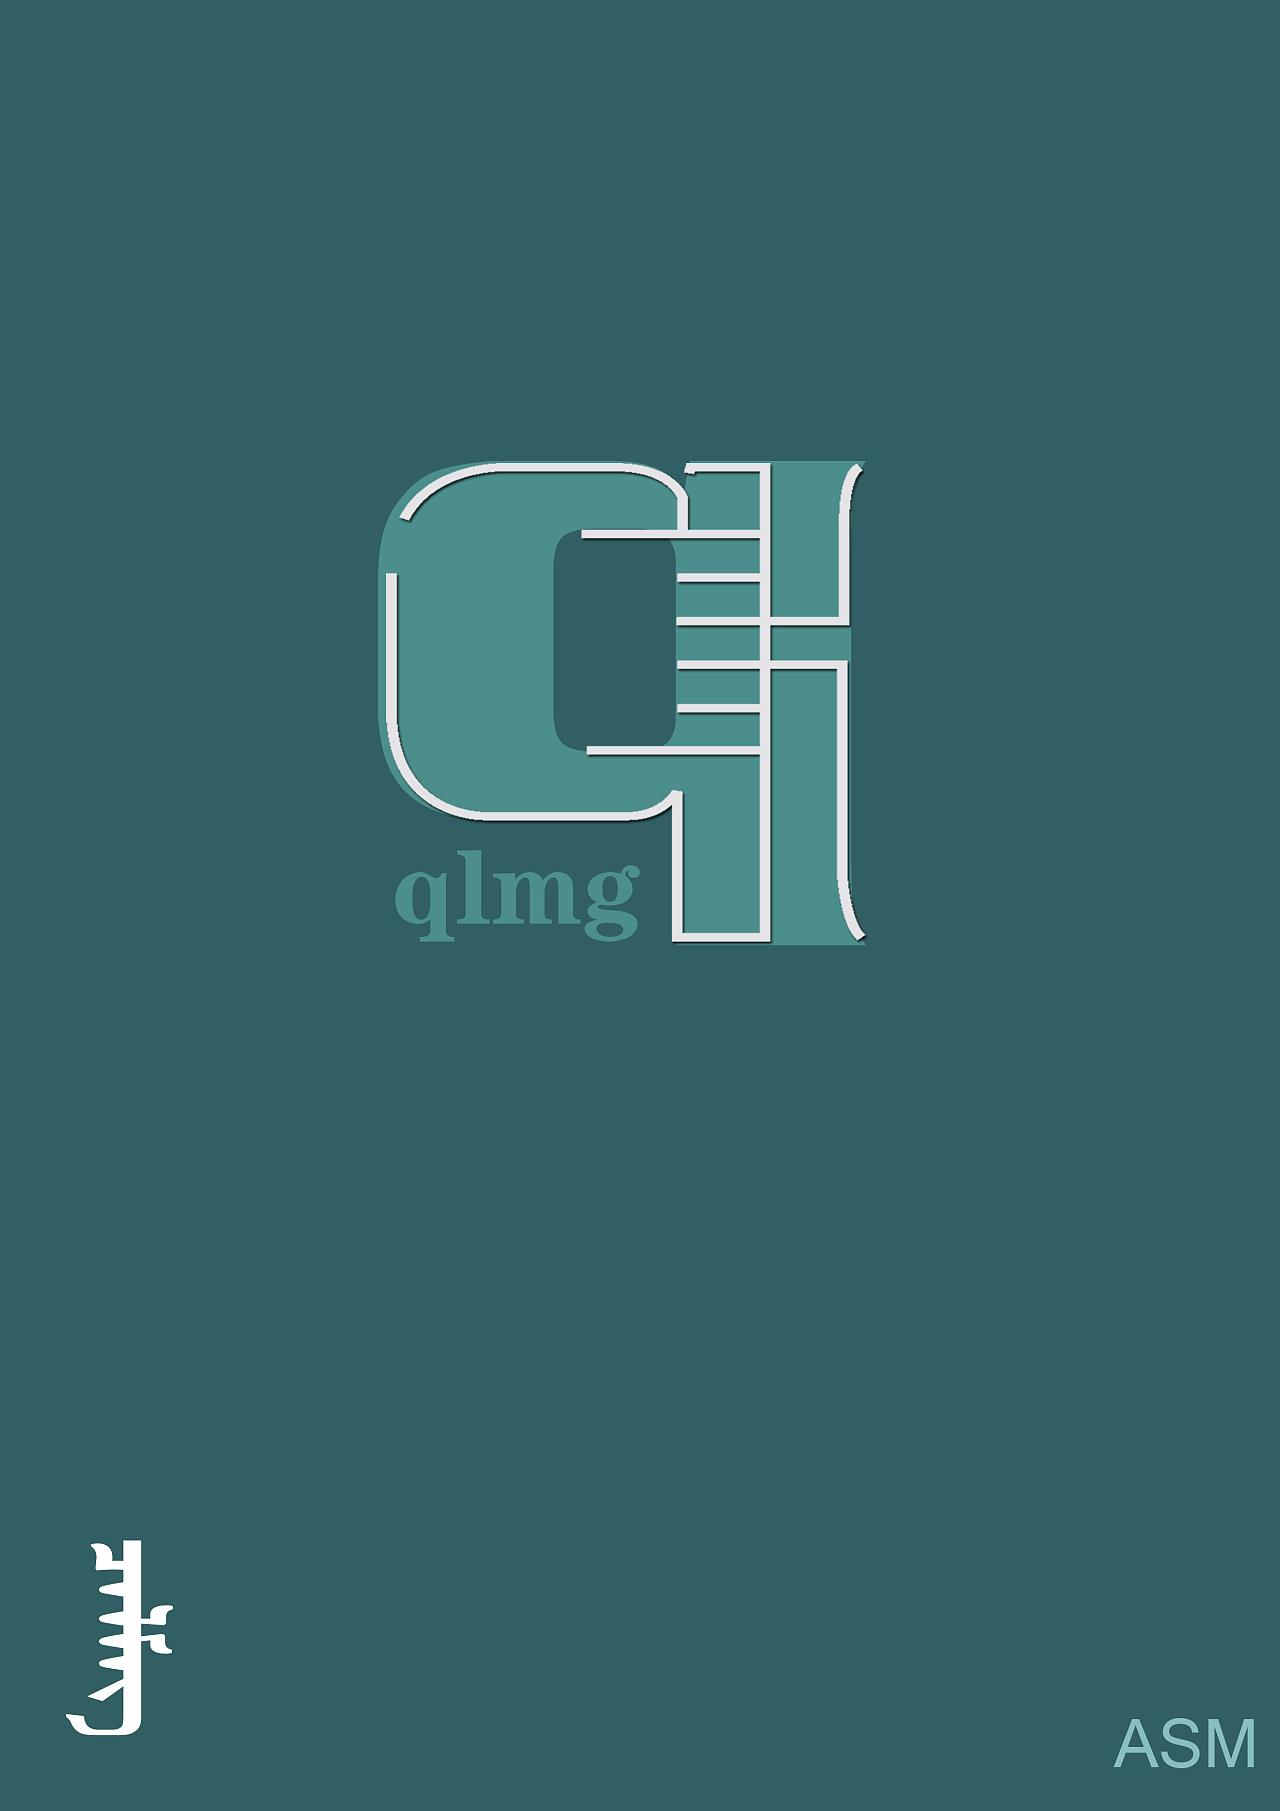 蒙古文人名设计(阿斯玛18248305310微信) 第1张